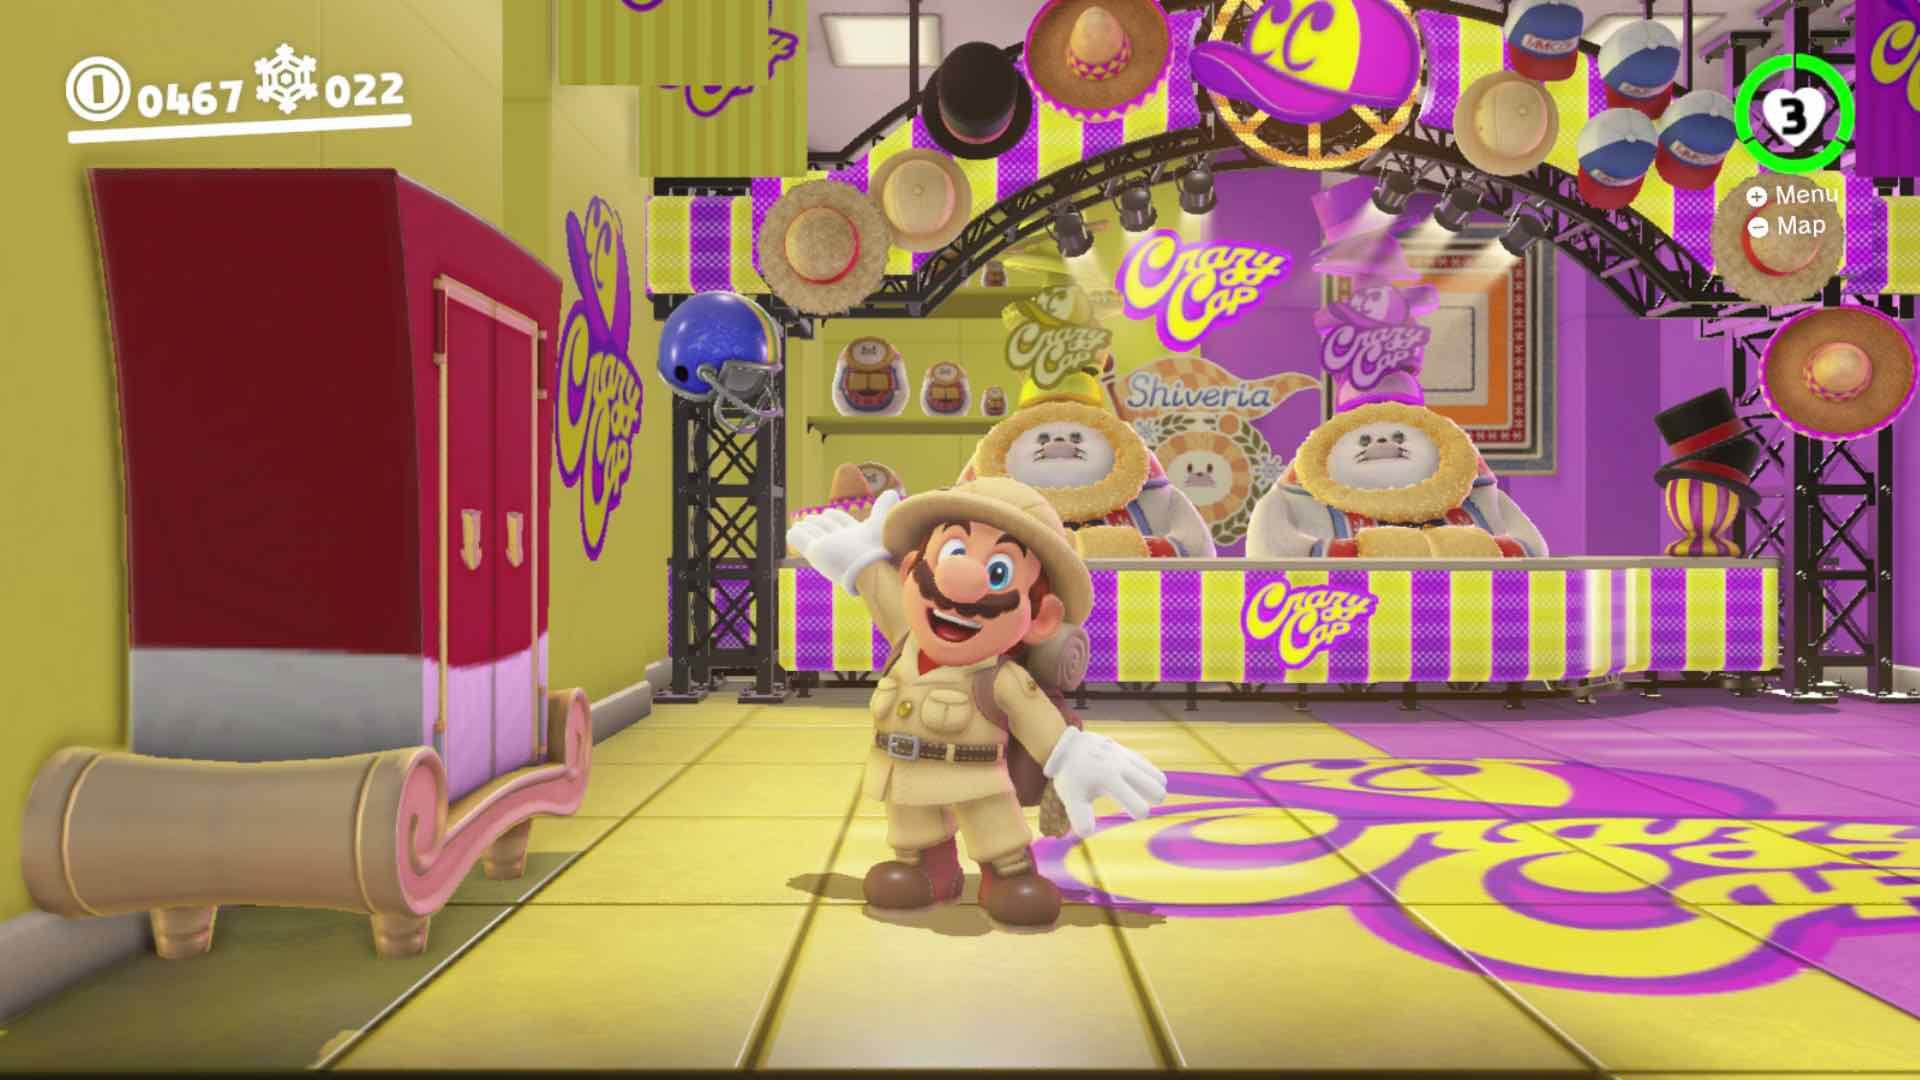 explorer-outfit-super-mario-odyssey-screenshot